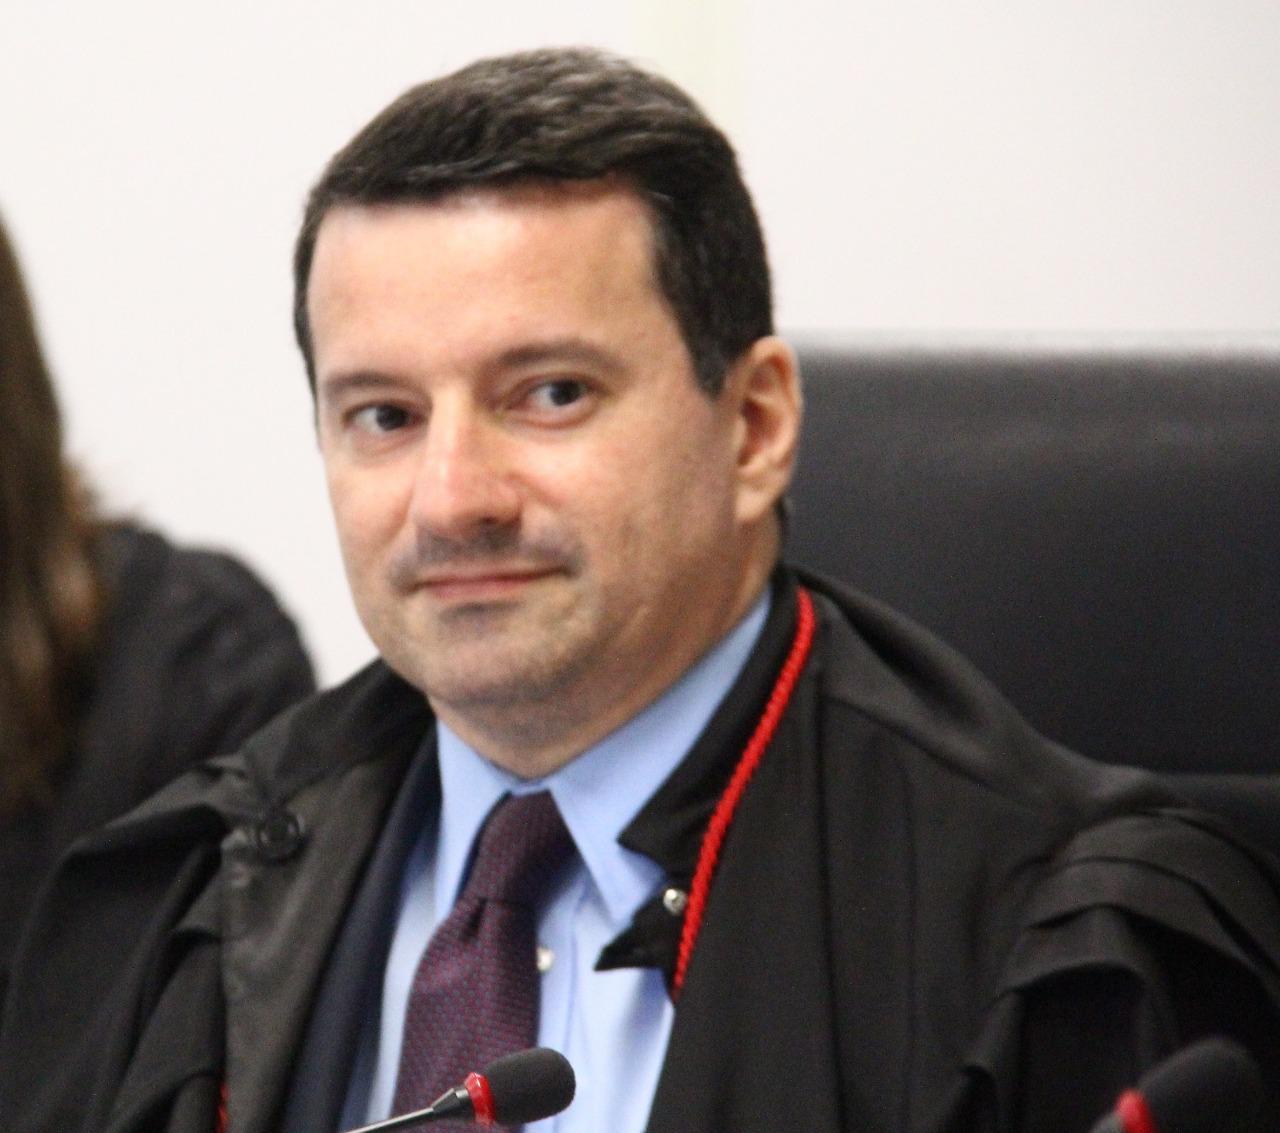 WhatsApp Image 2021 07 29 at 16.21.50 - Novo procurador-geral de Justiça: João Azevêdo nomeia Antônio Hortêncio, mais votado da lista tríplice